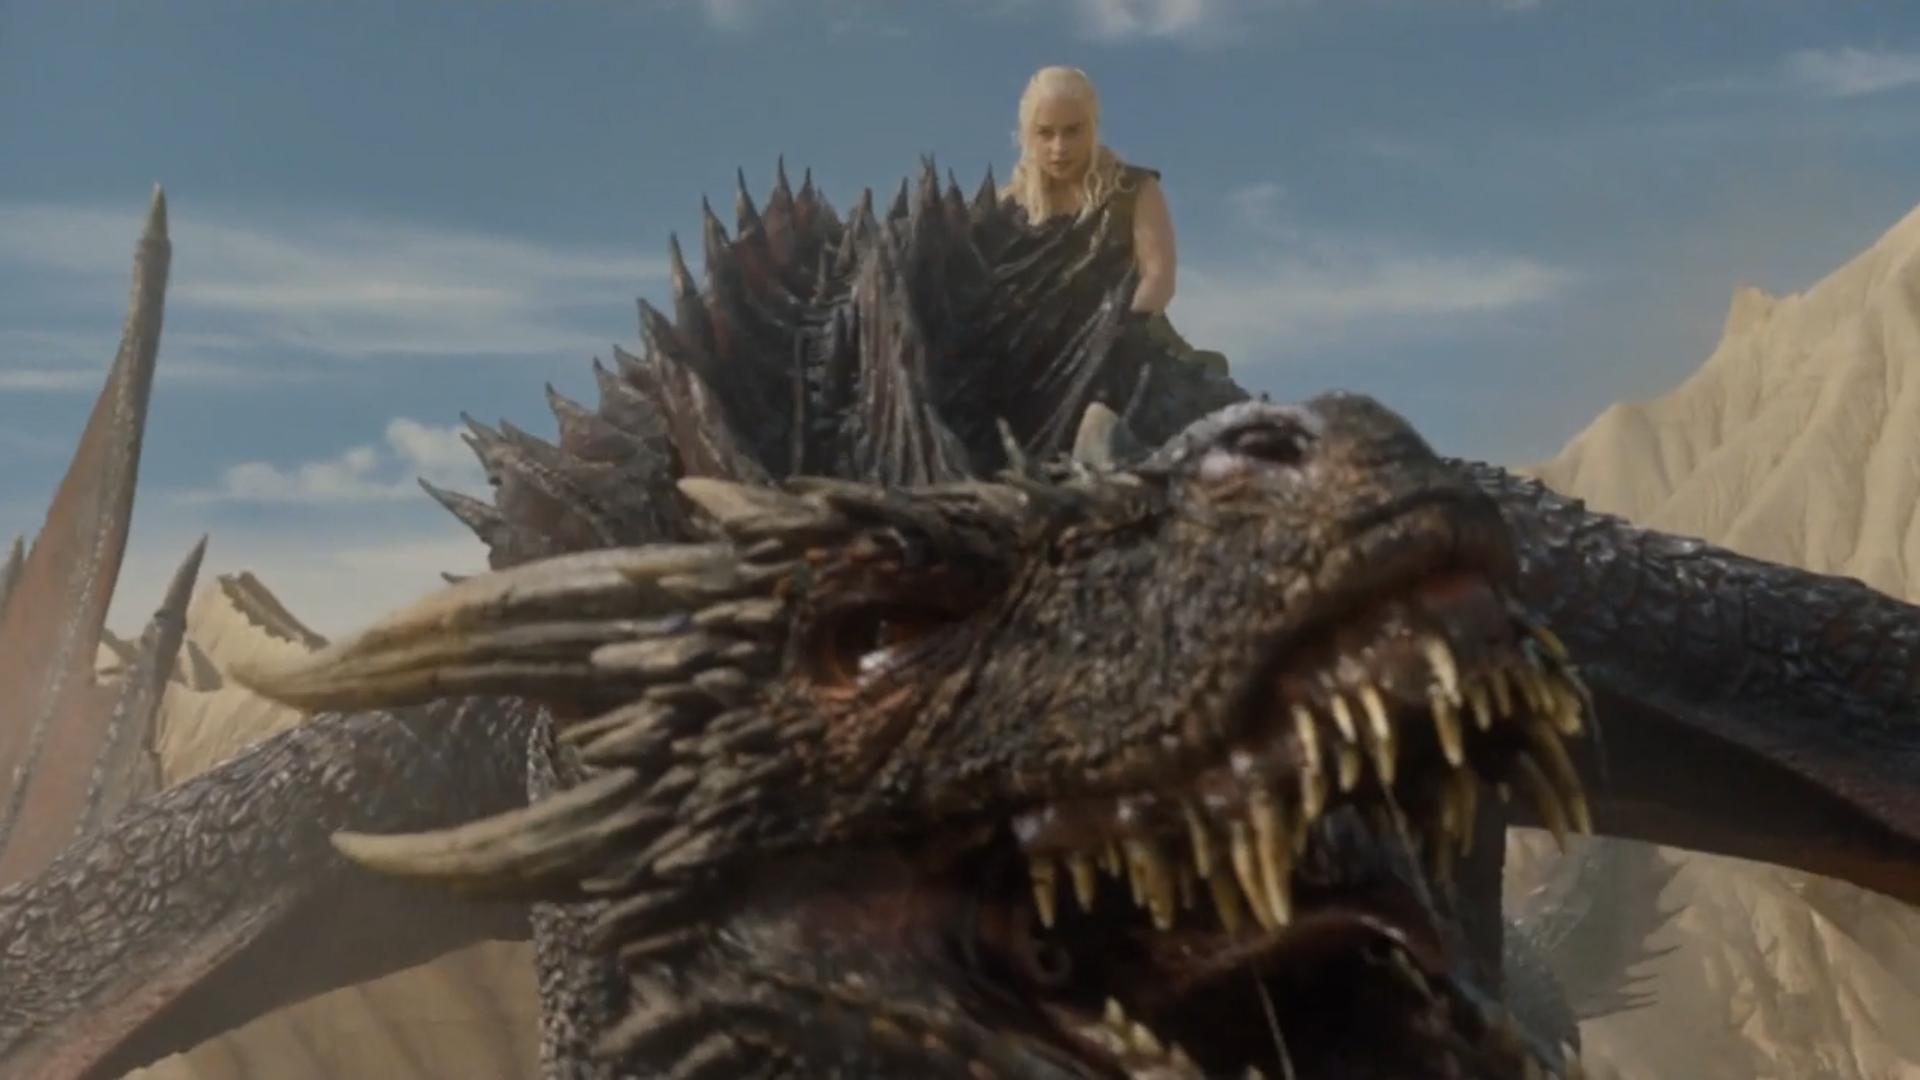 immagini di draghi veri